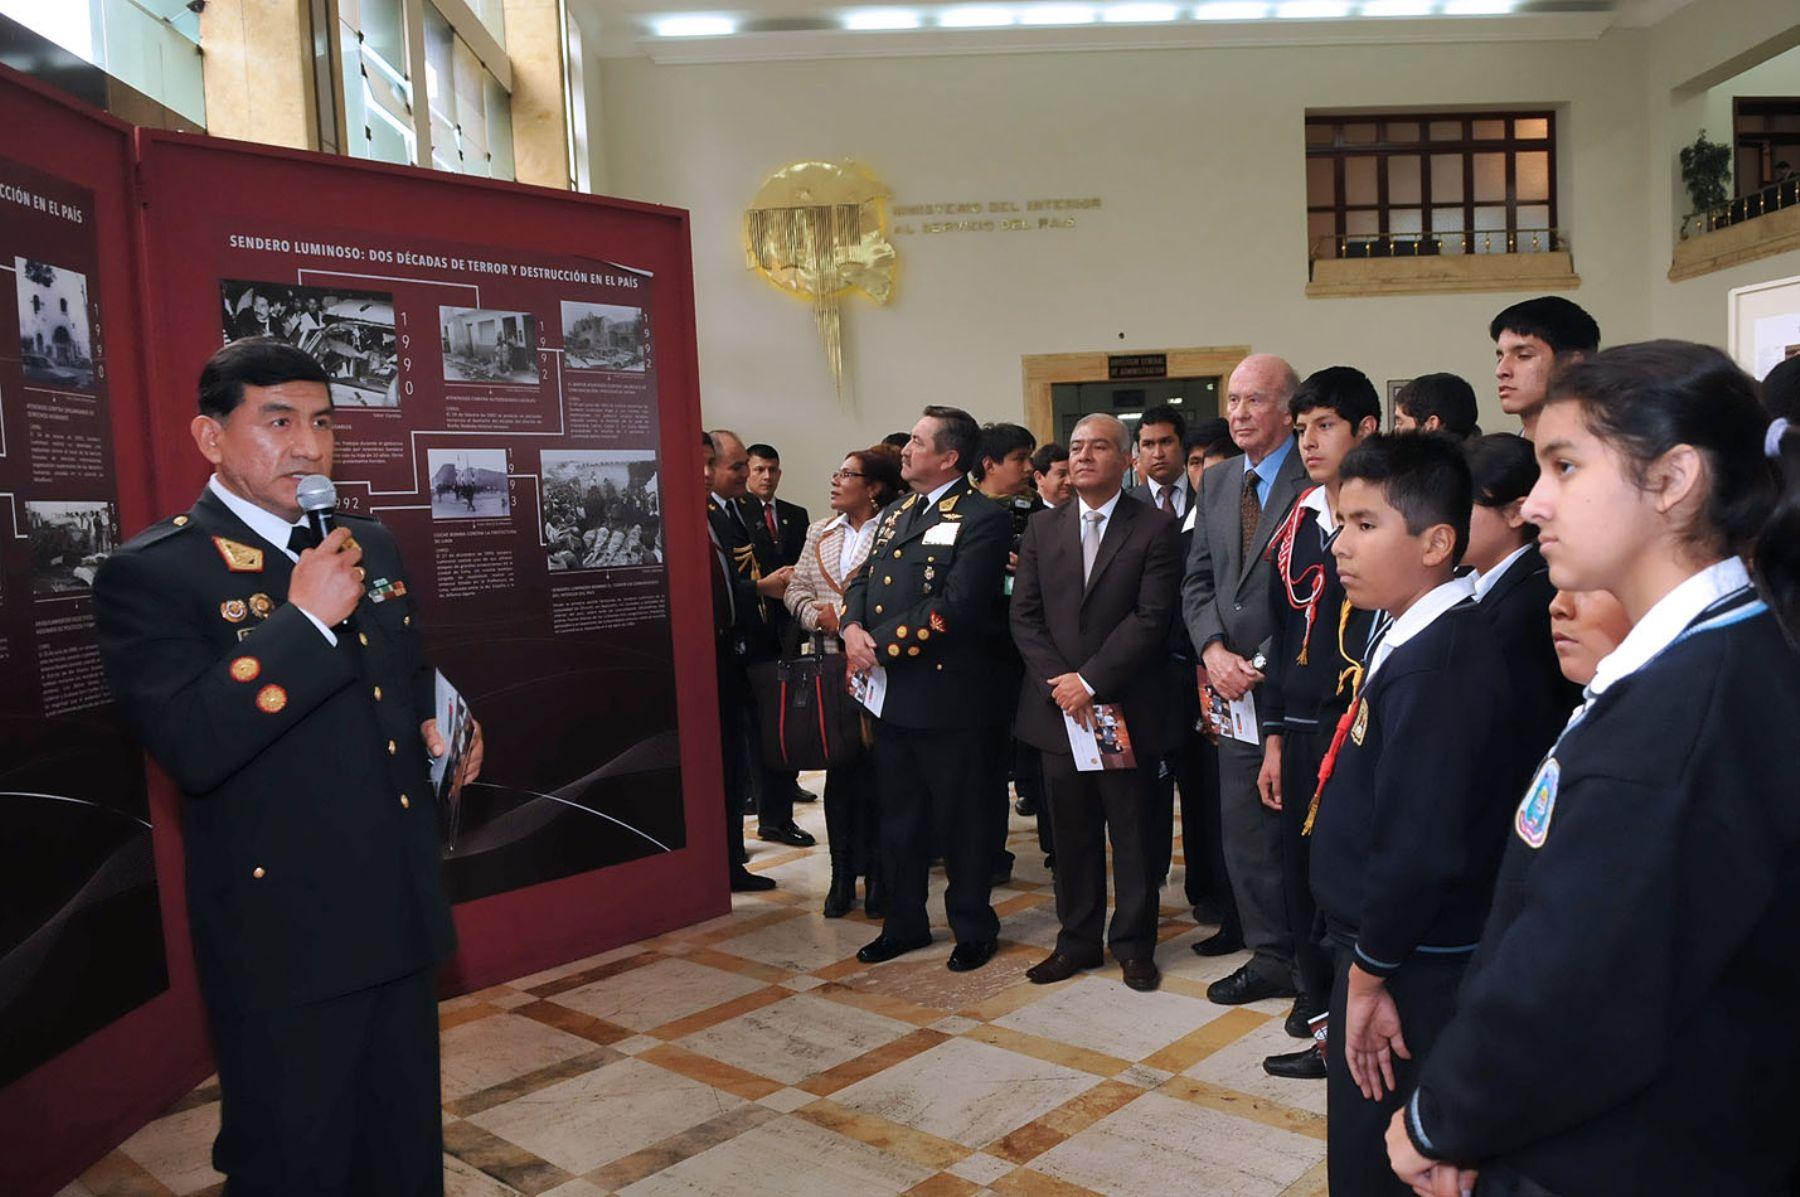 Ministerio del interior abre muestra sobre captura de for Ministerio del interior correo electronico